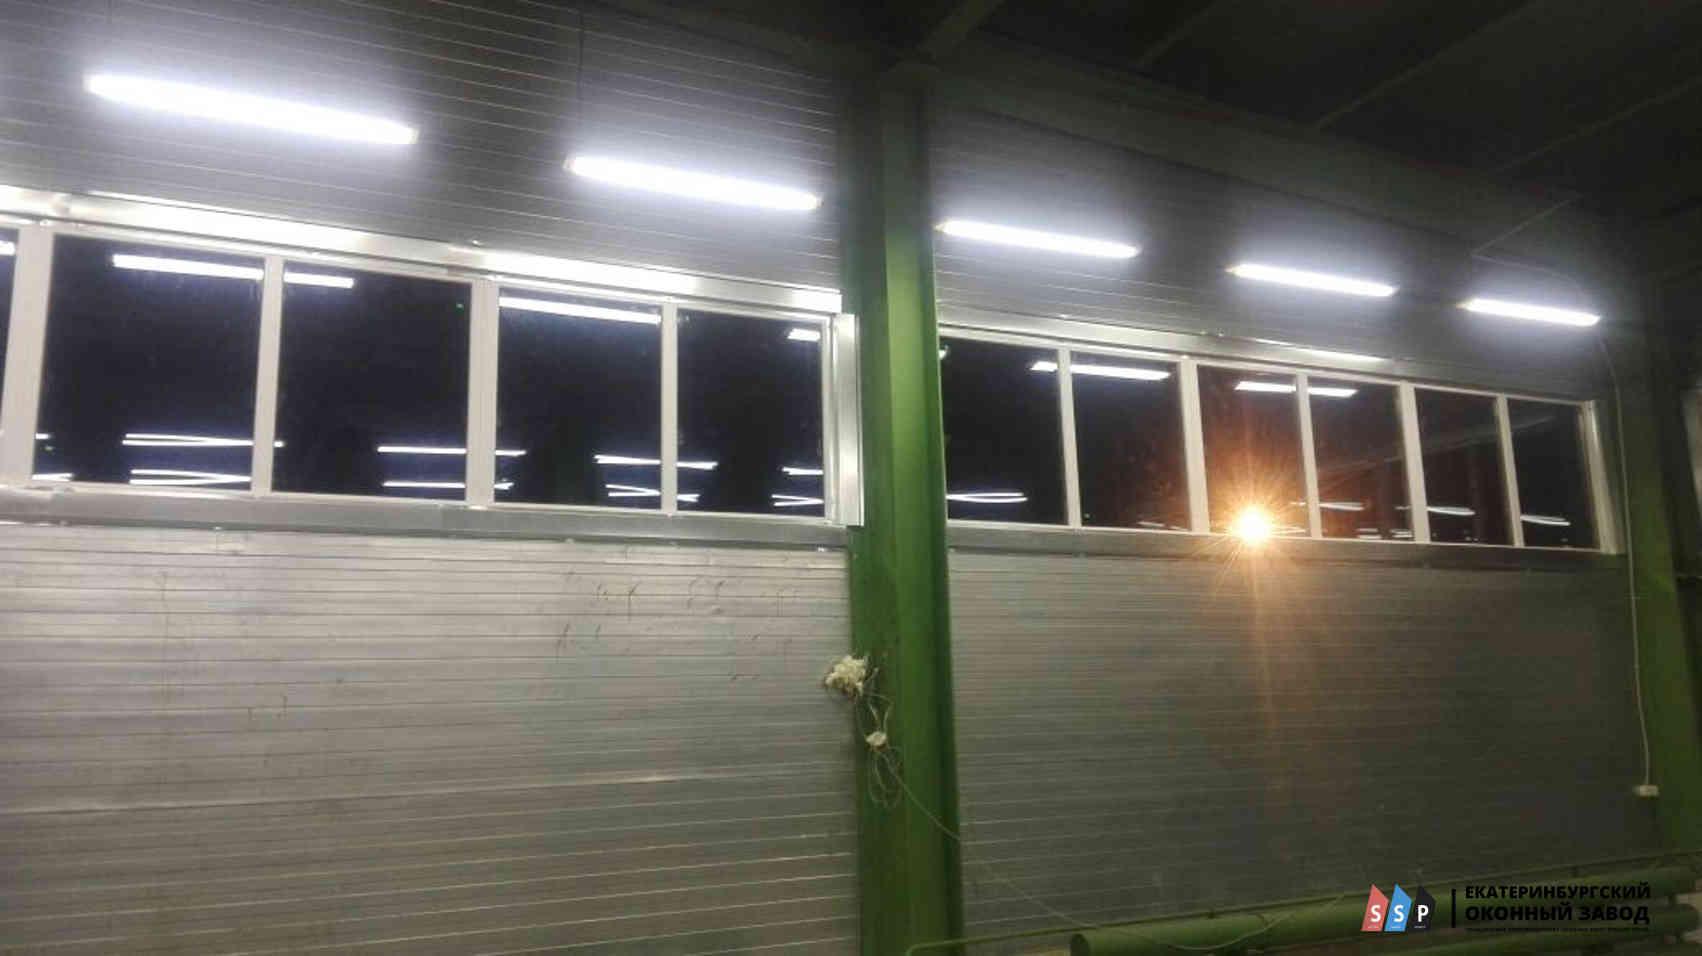 Ступинском заводе ячеистых бетонов бетон завод русь